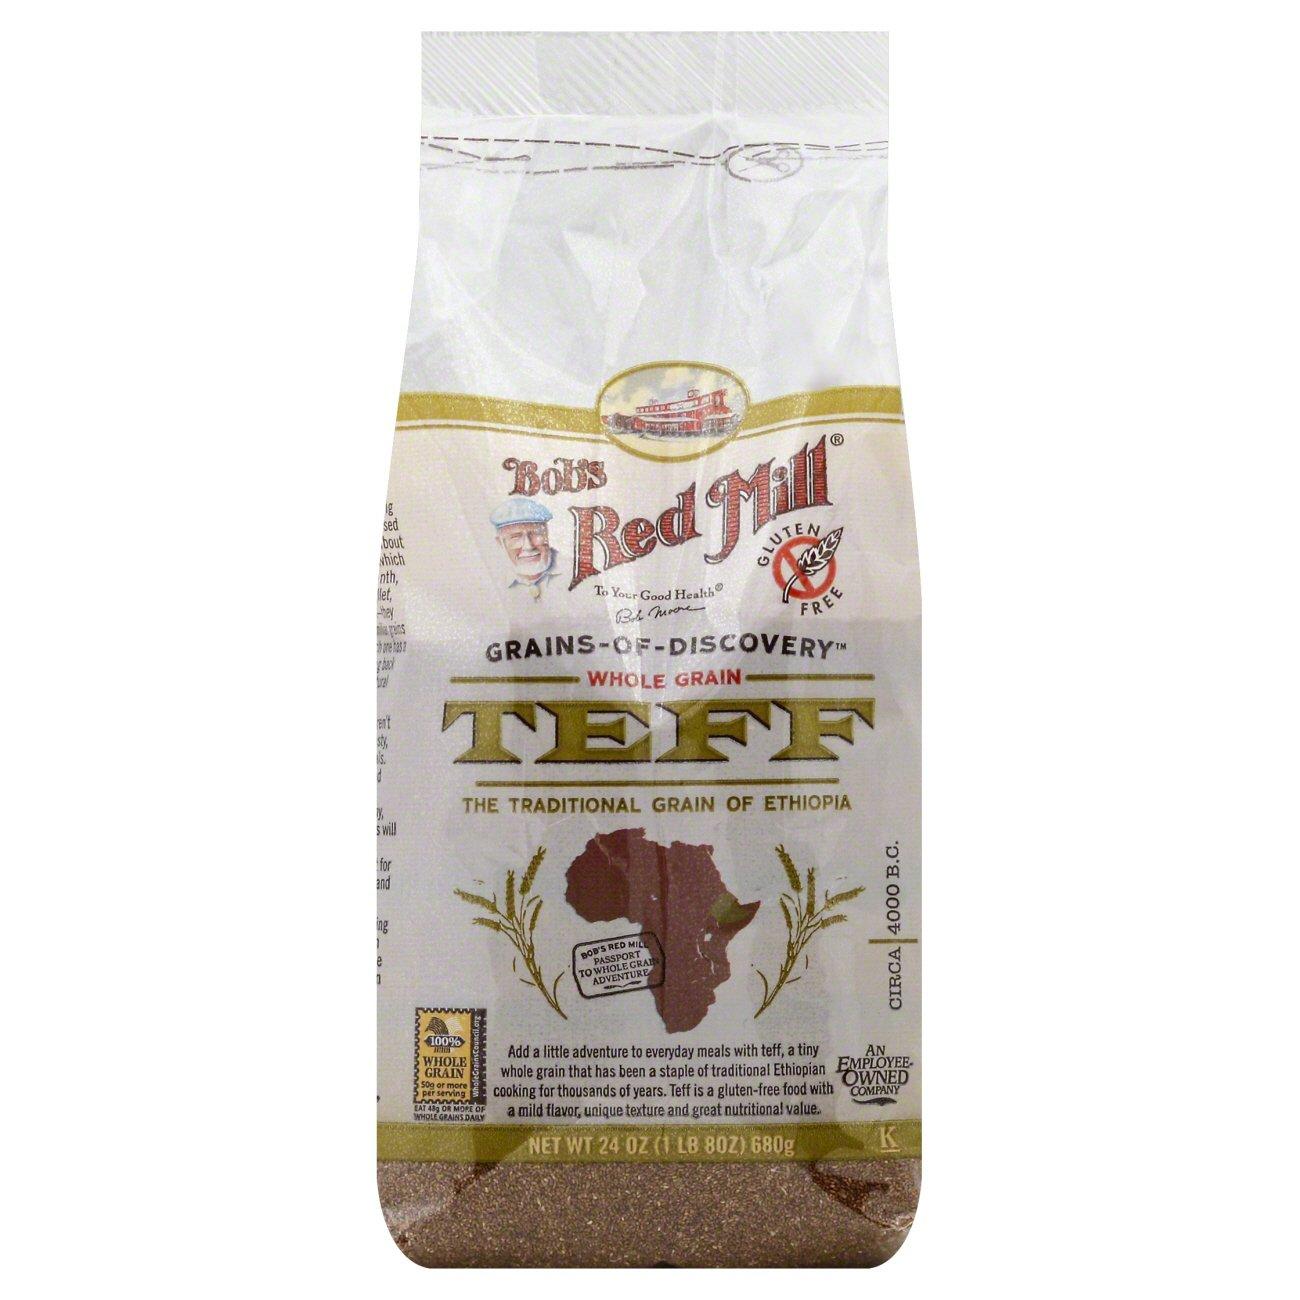 Bob's Red Mill Whole Grain Teff ‑ Shop